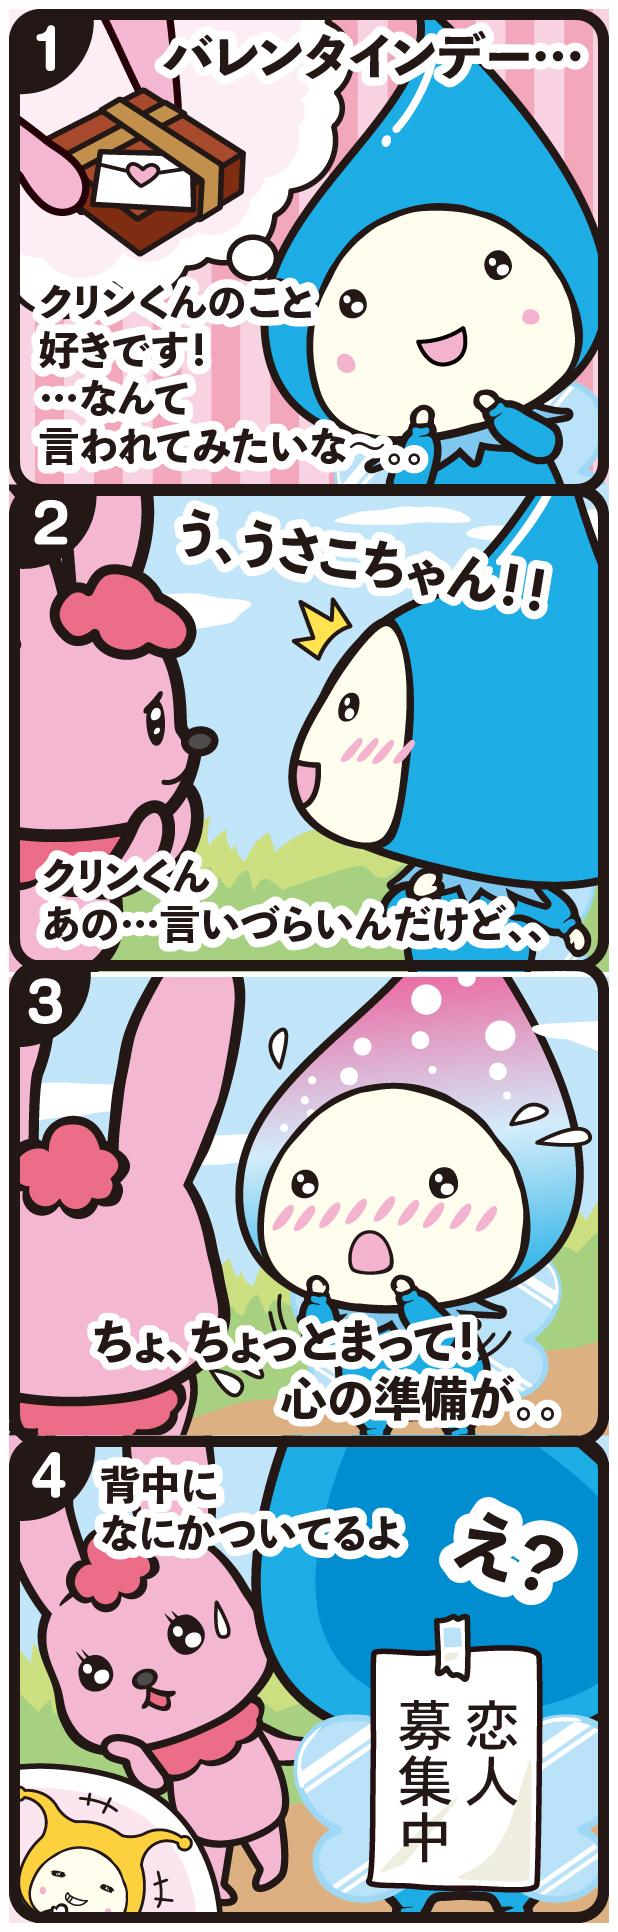 comic_197